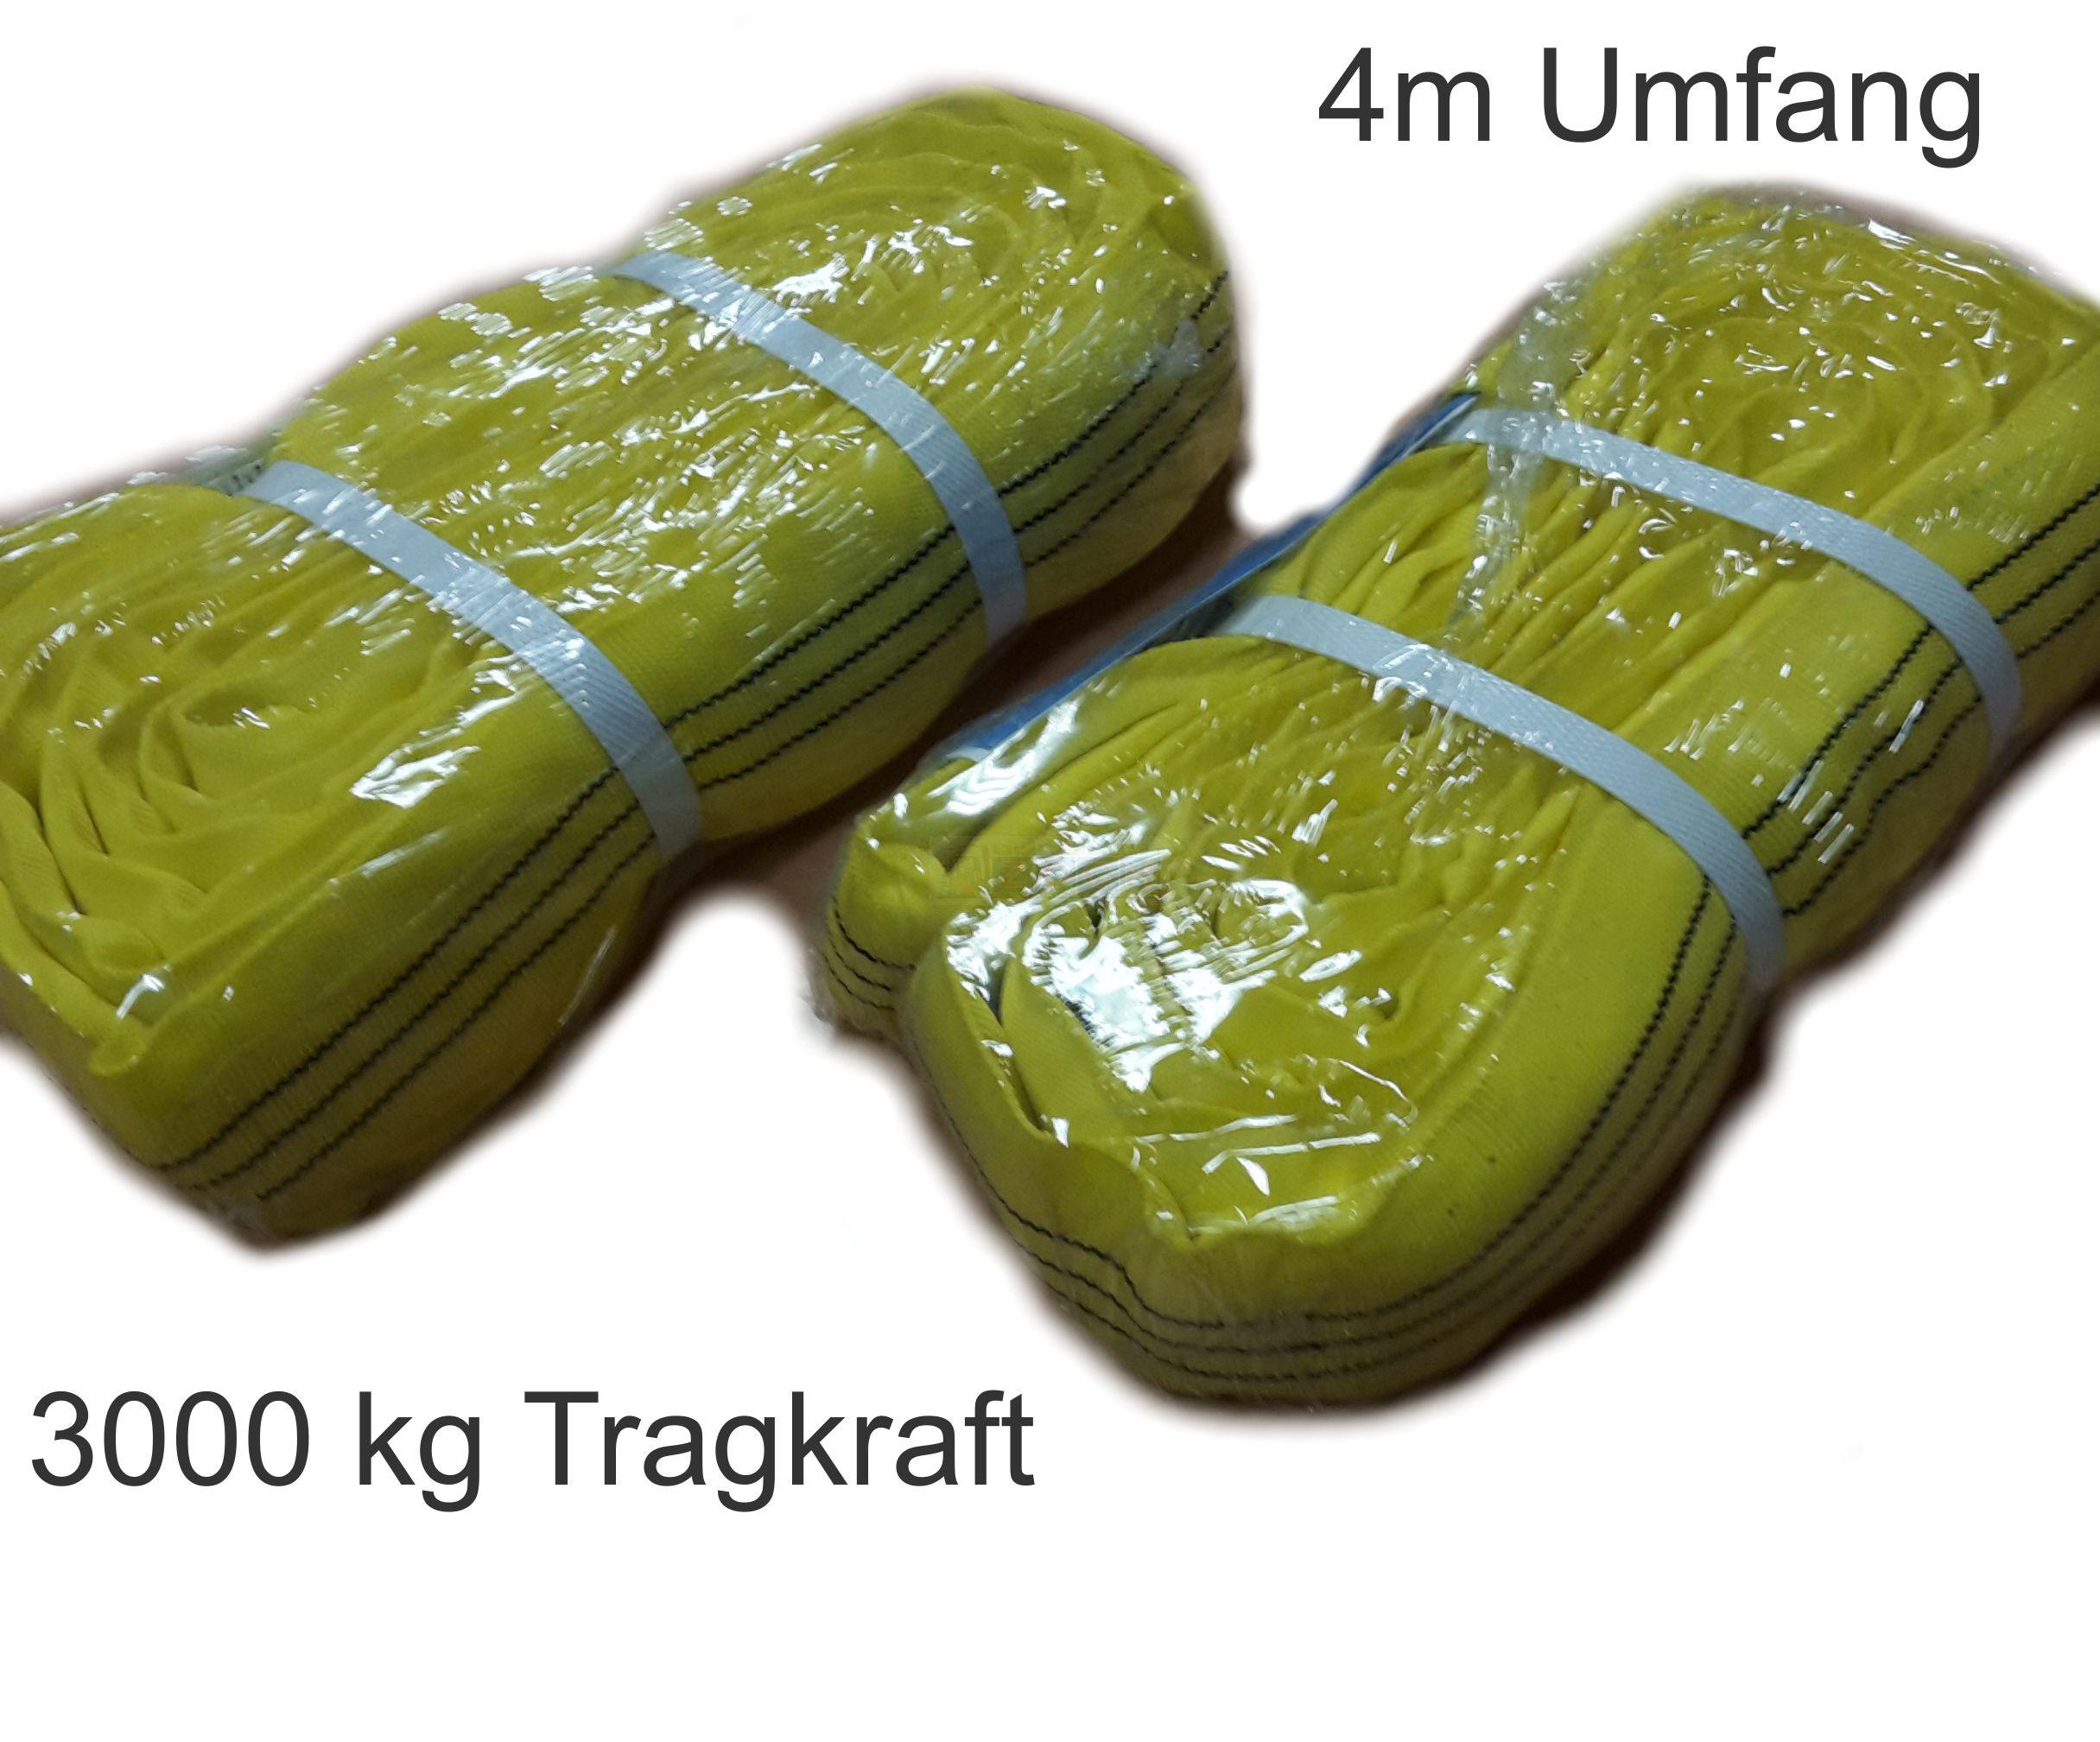 Rundschlingen 2er Set ( je 4m Umfang) 3t Tragkraft; gelb